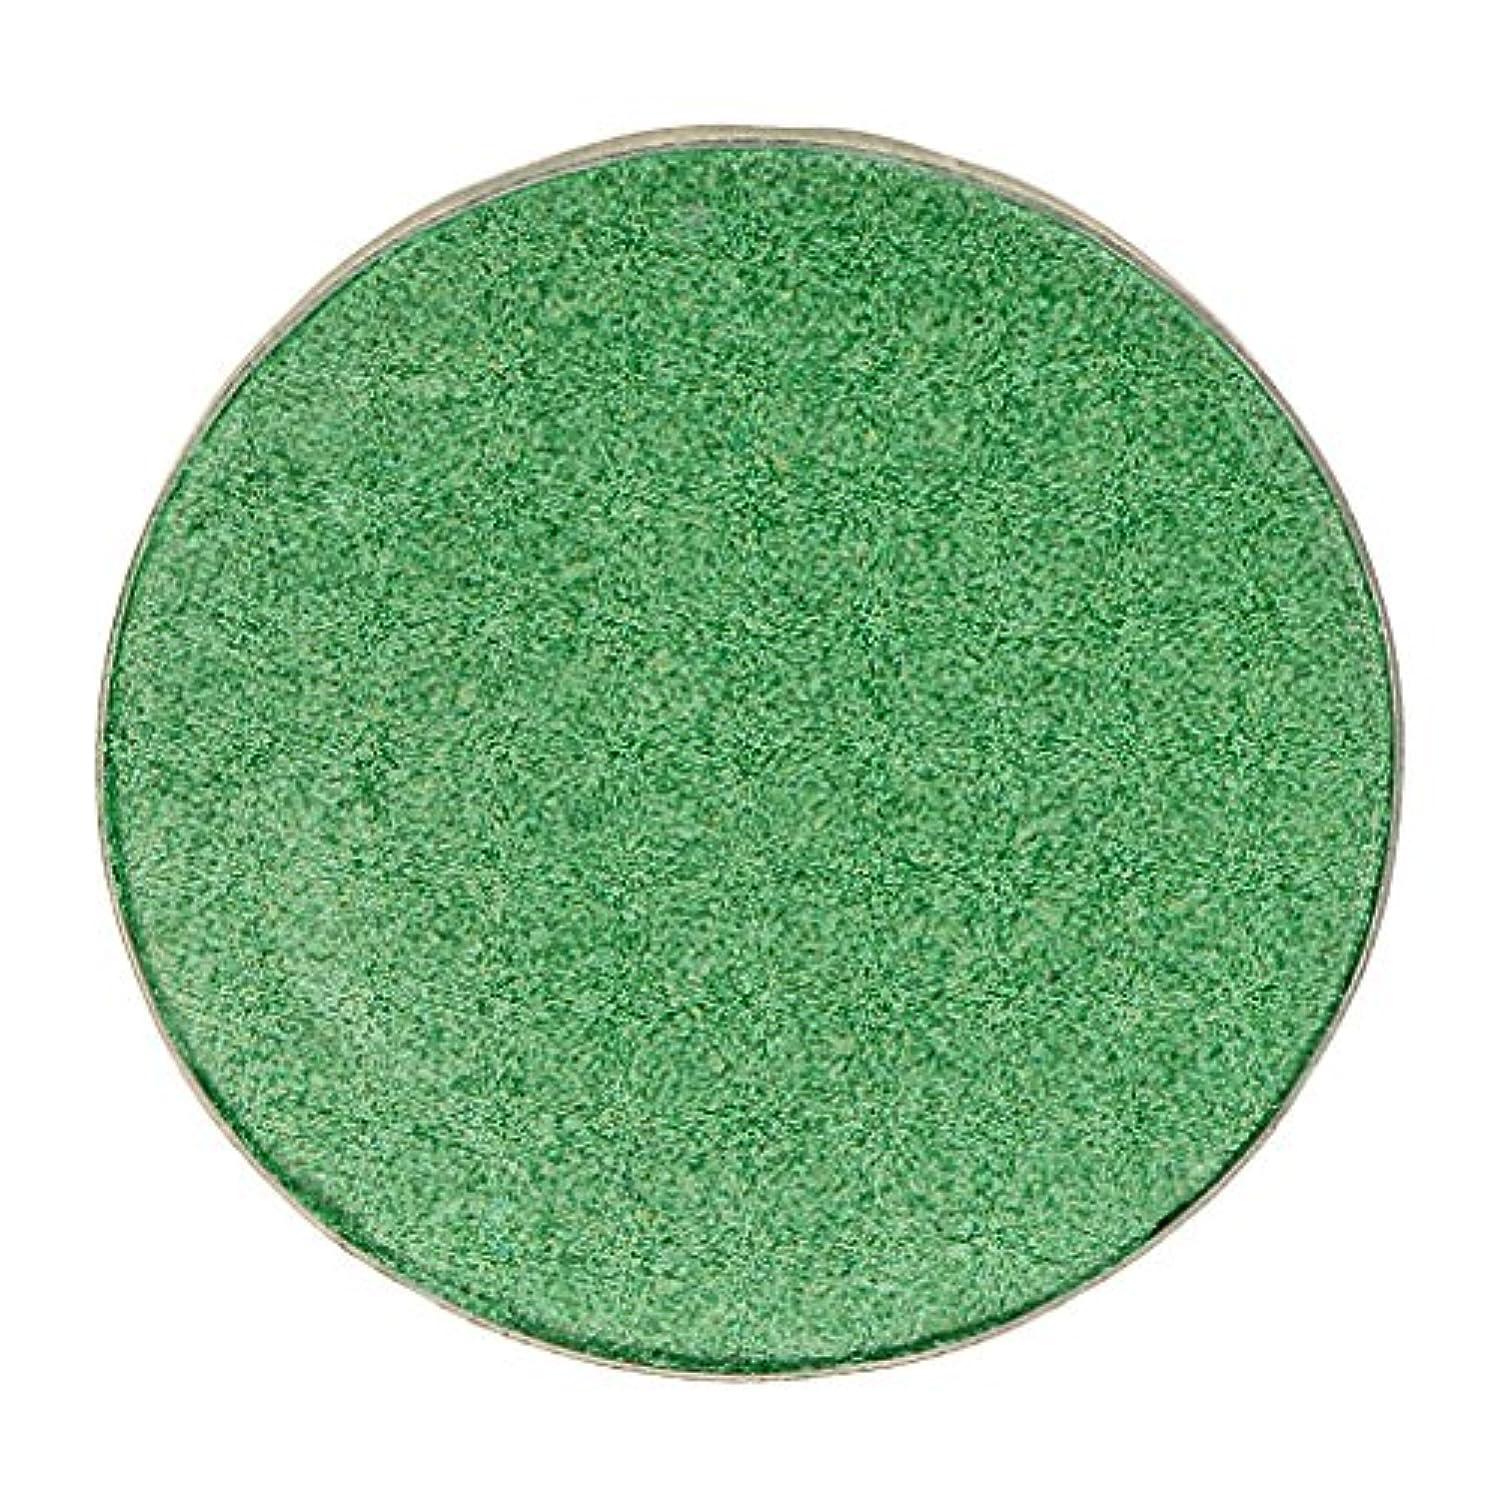 高齢者輝くネイティブ化粧品用 アイシャドウ ハイライター パレット マット シマー アイシャドーメイク 結婚式 パーティー 全5色 - #38グリーン